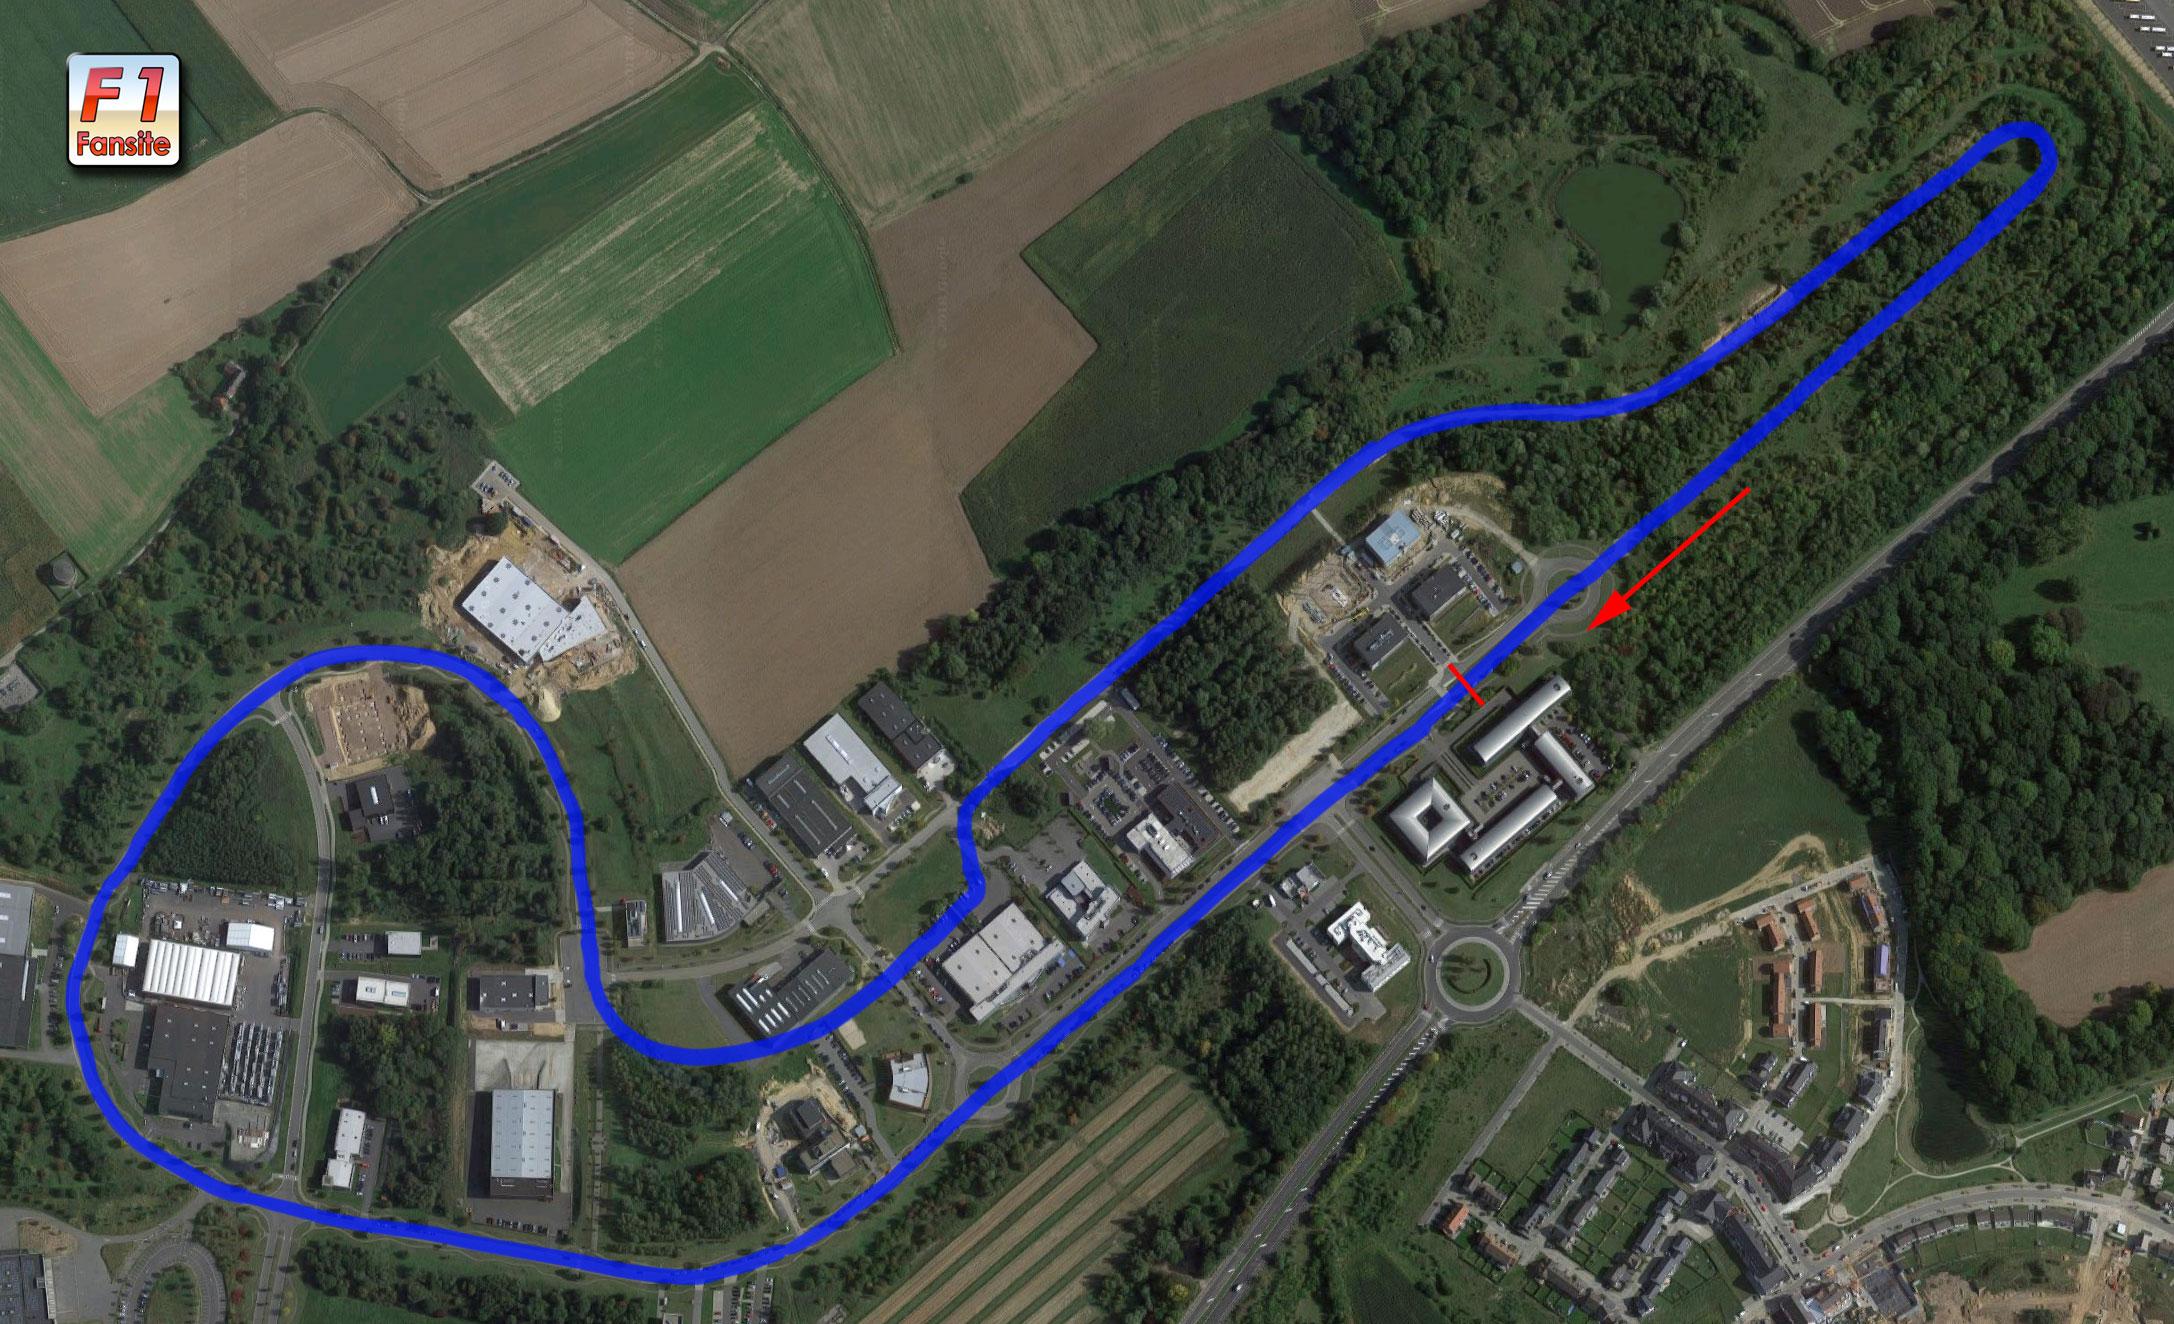 NIvelles Baulers circuit layout